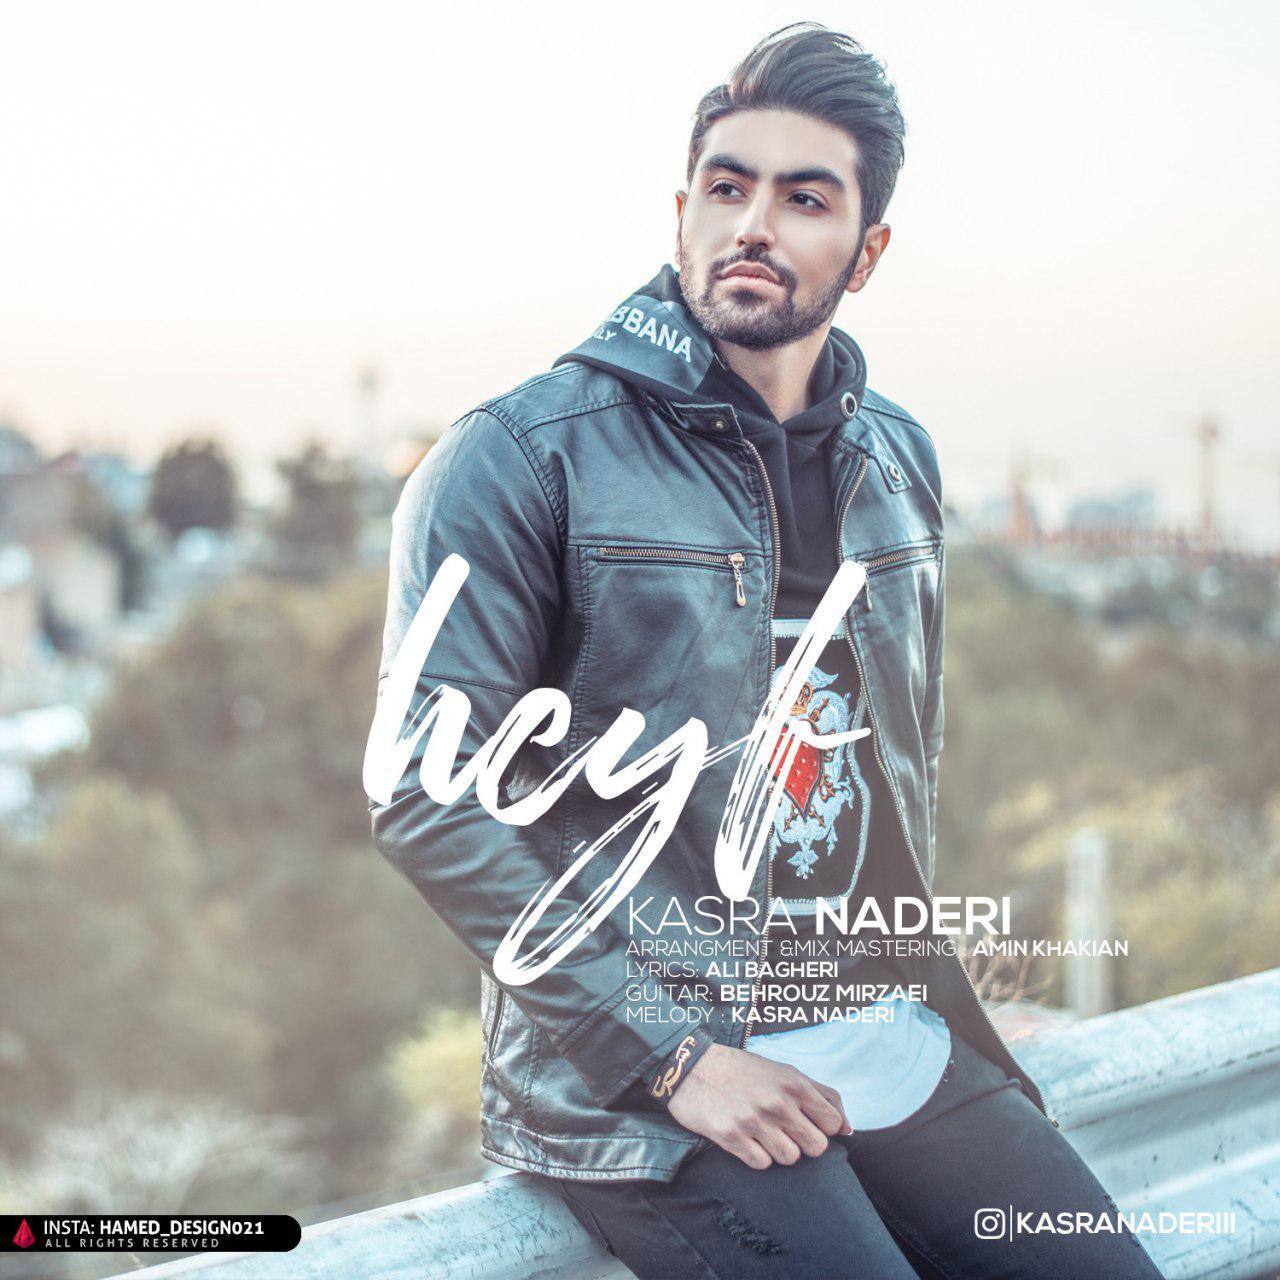 Kasra Naderi – Heyf